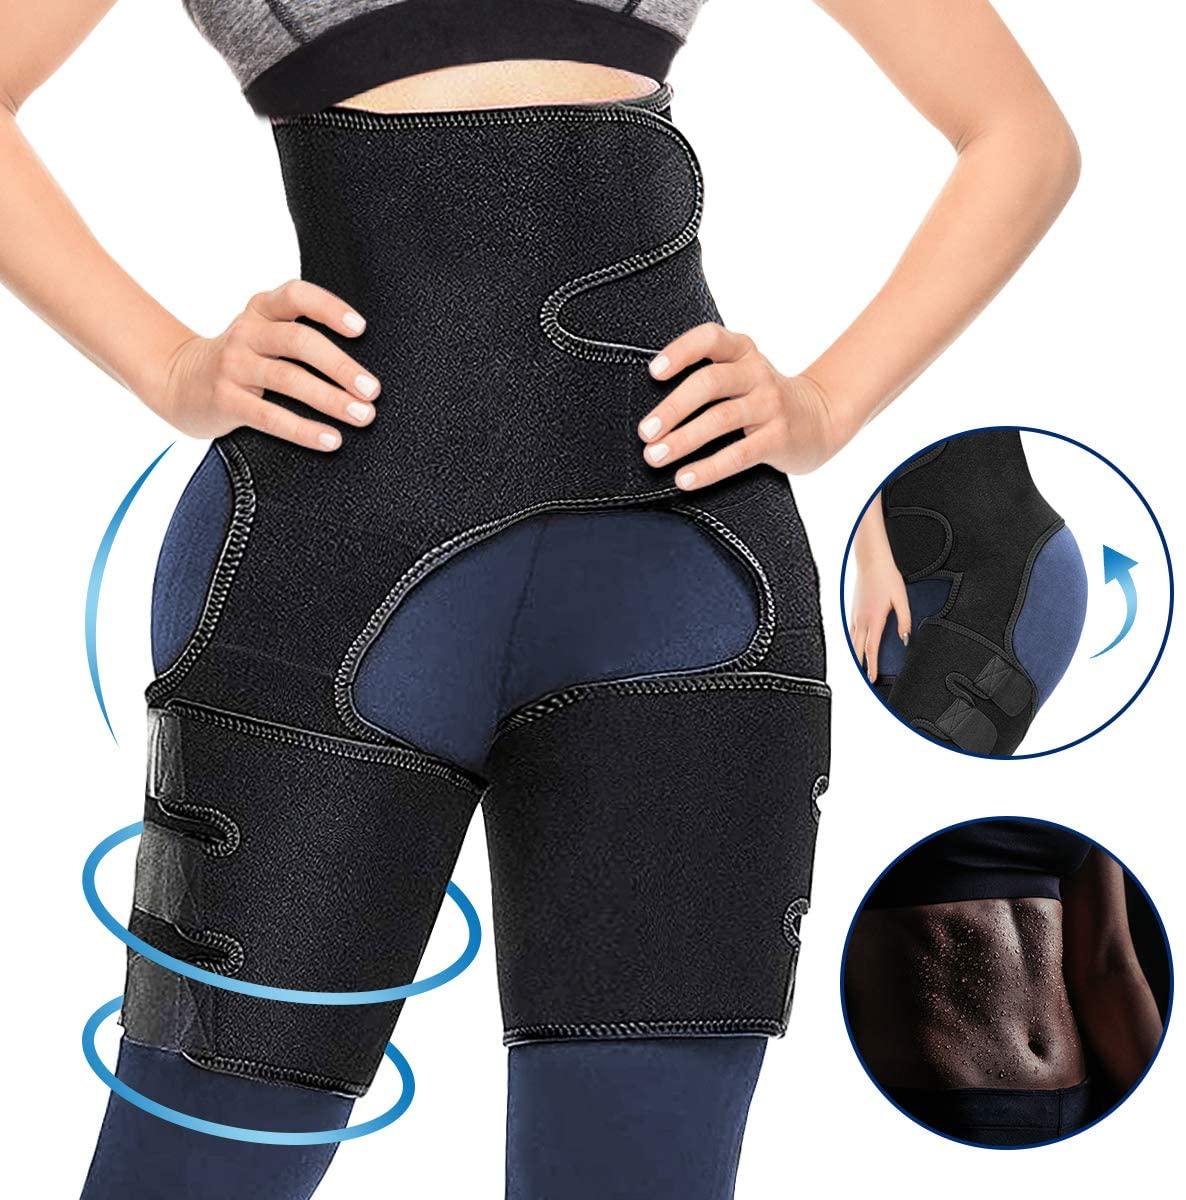 CAMTOA 3 in 1 Waist Thigh Trimmer and Butt Lifter, Waist Trainer Butt Lifting Thigh Trimmer for Women Weight Loss Hip Enhancer Shapewear Body Shaper Slimming Belt Workout